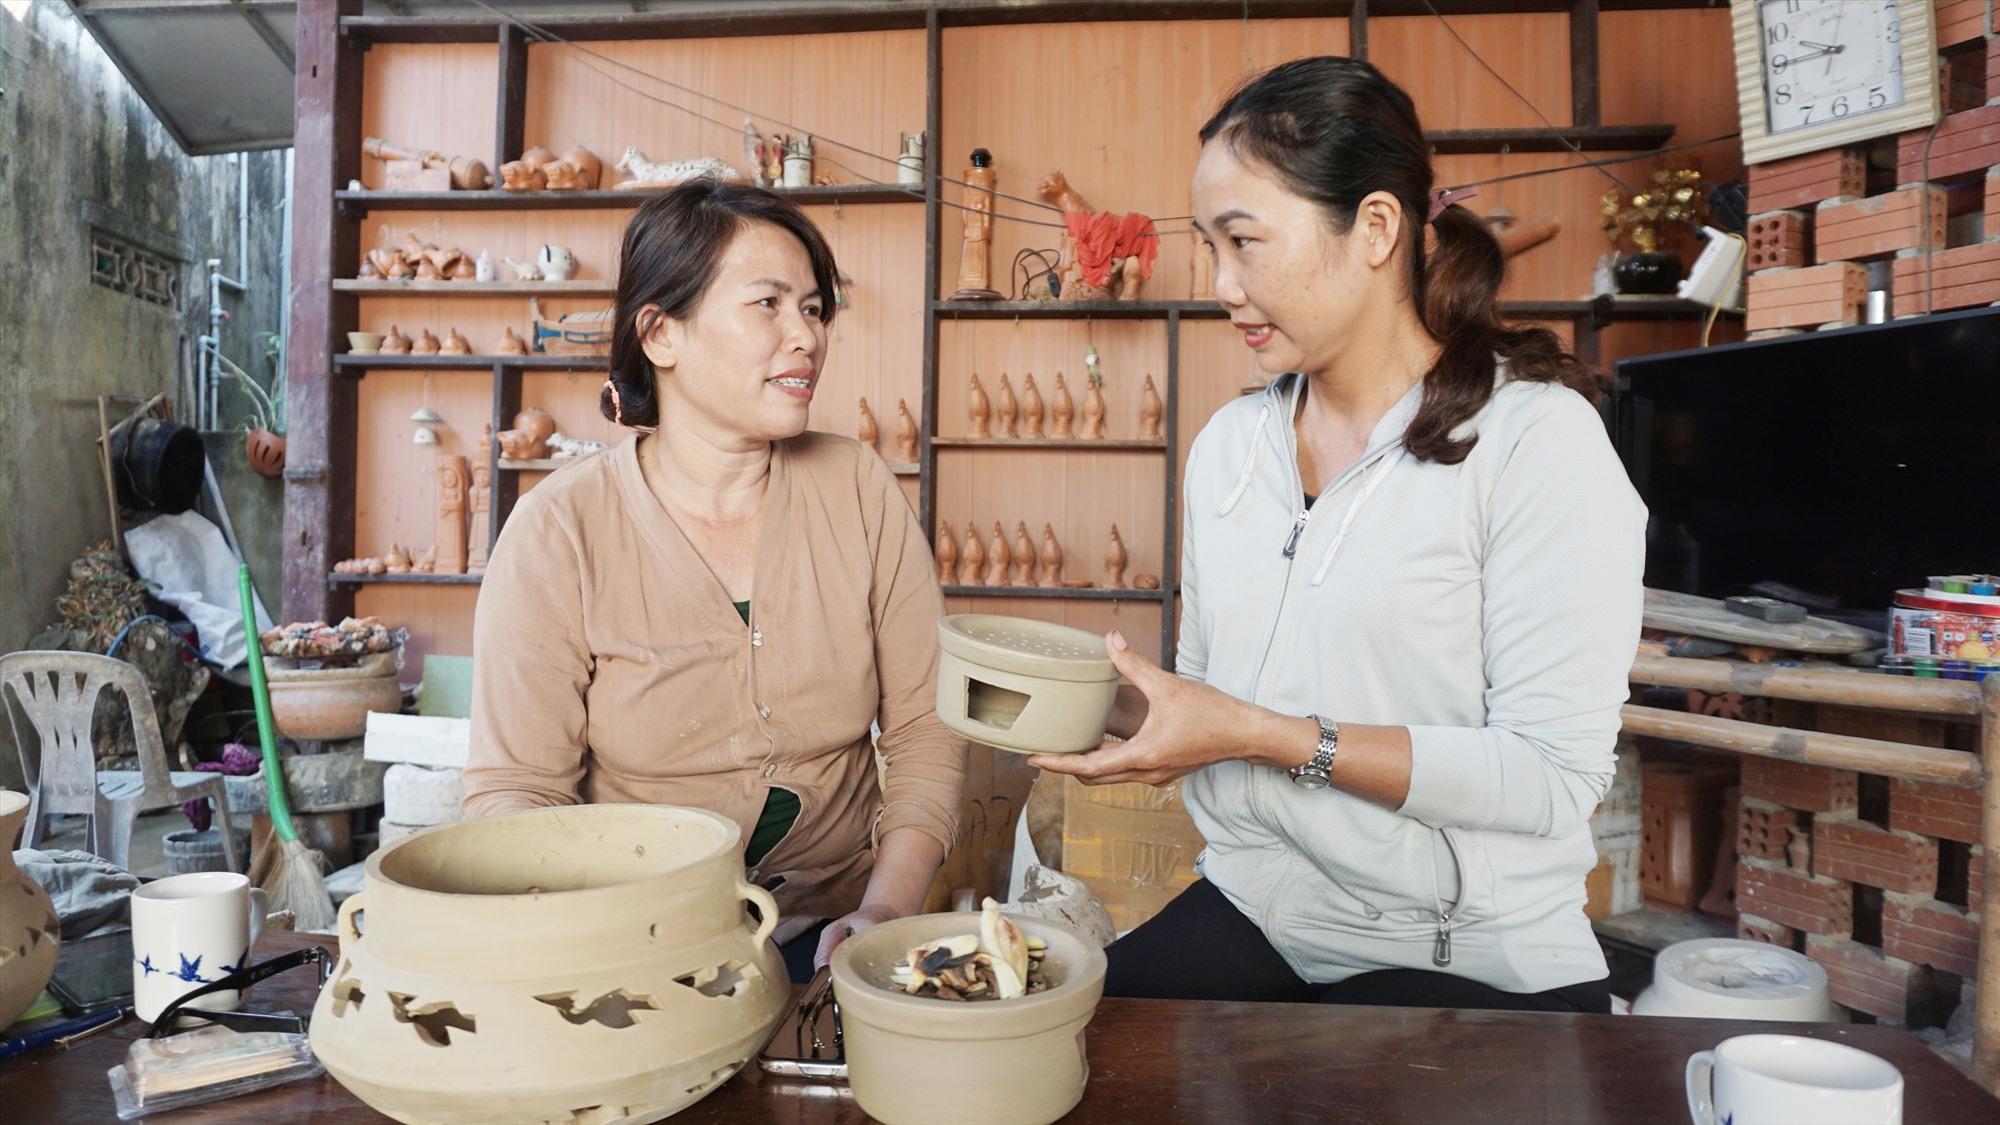 Chị Nguyễn Thị Bích Tuyến (bên trái) với sản phẩm nồi đốt thảo mộc mới hoàn thành. Ảnh: N.TRANG